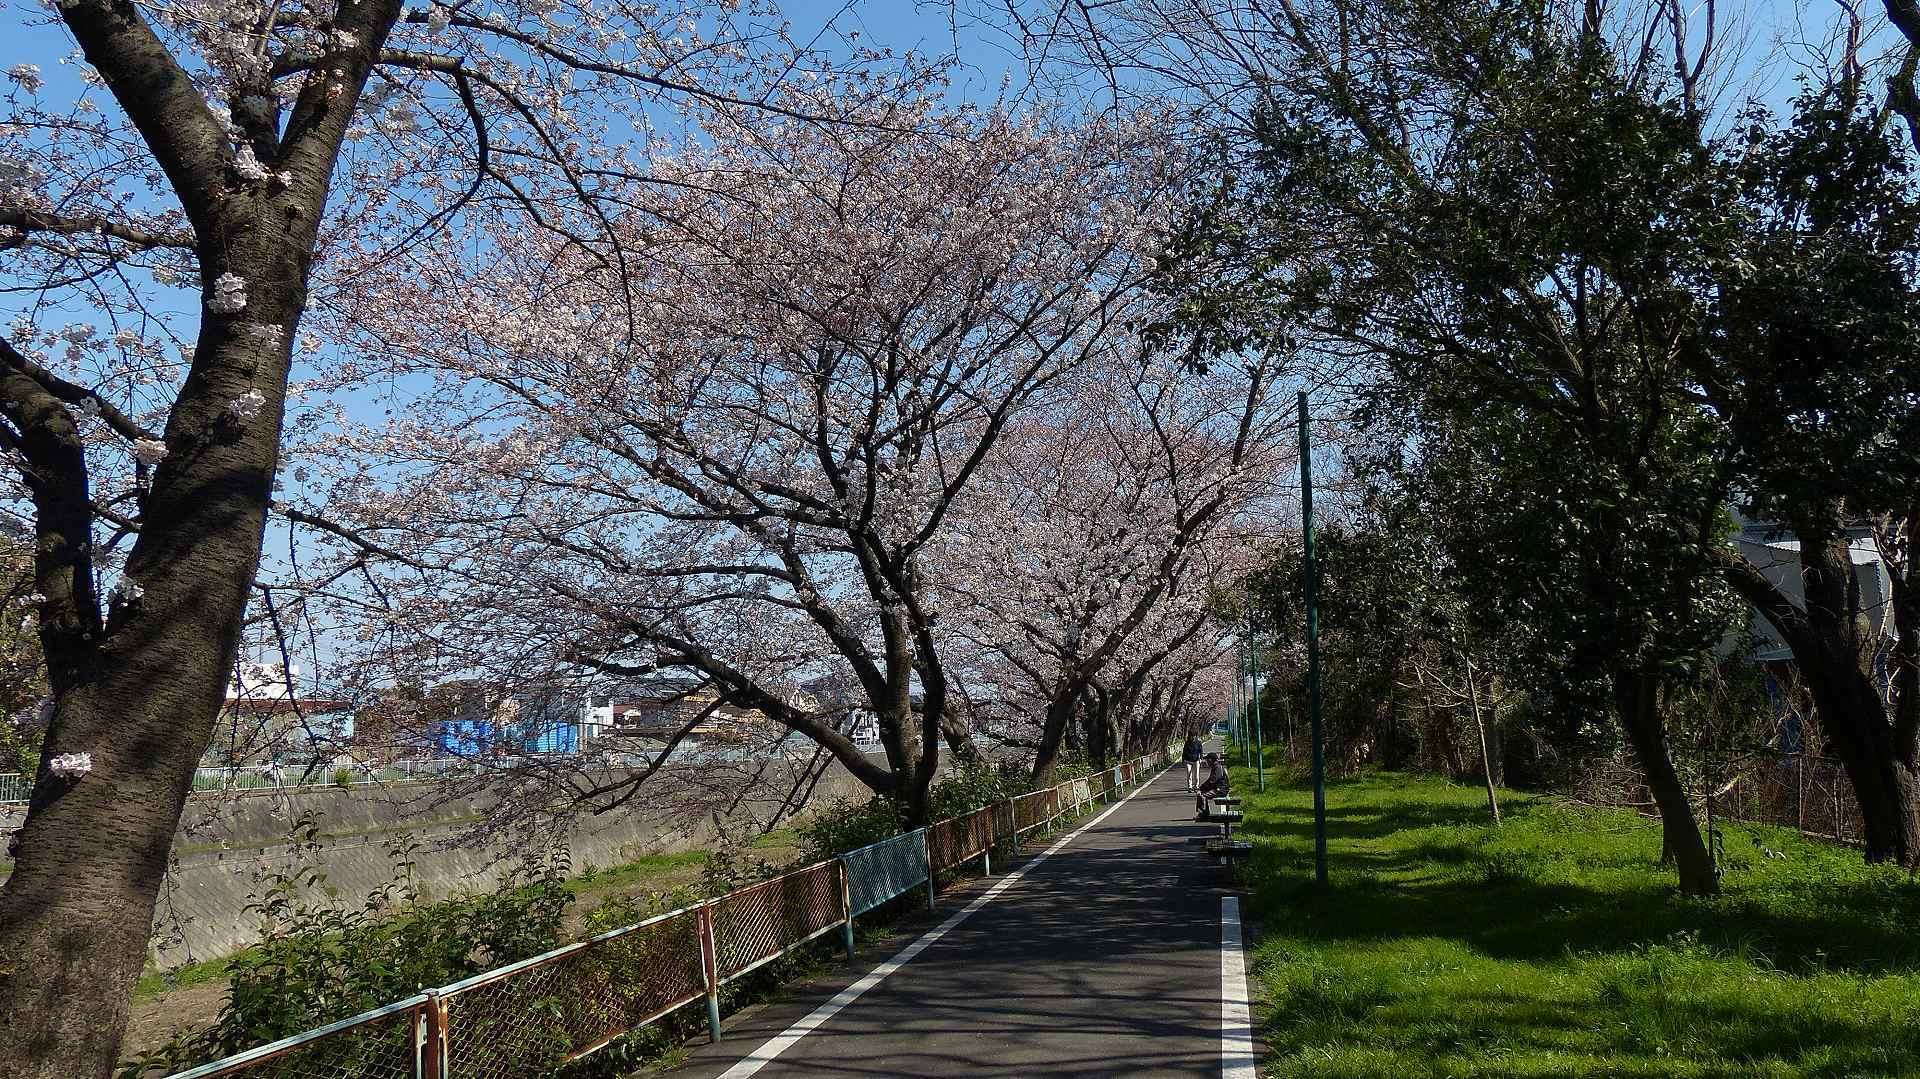 桜の便りに誘われて 【 2018 3/25(日) 】_a0185081_15313423.jpg